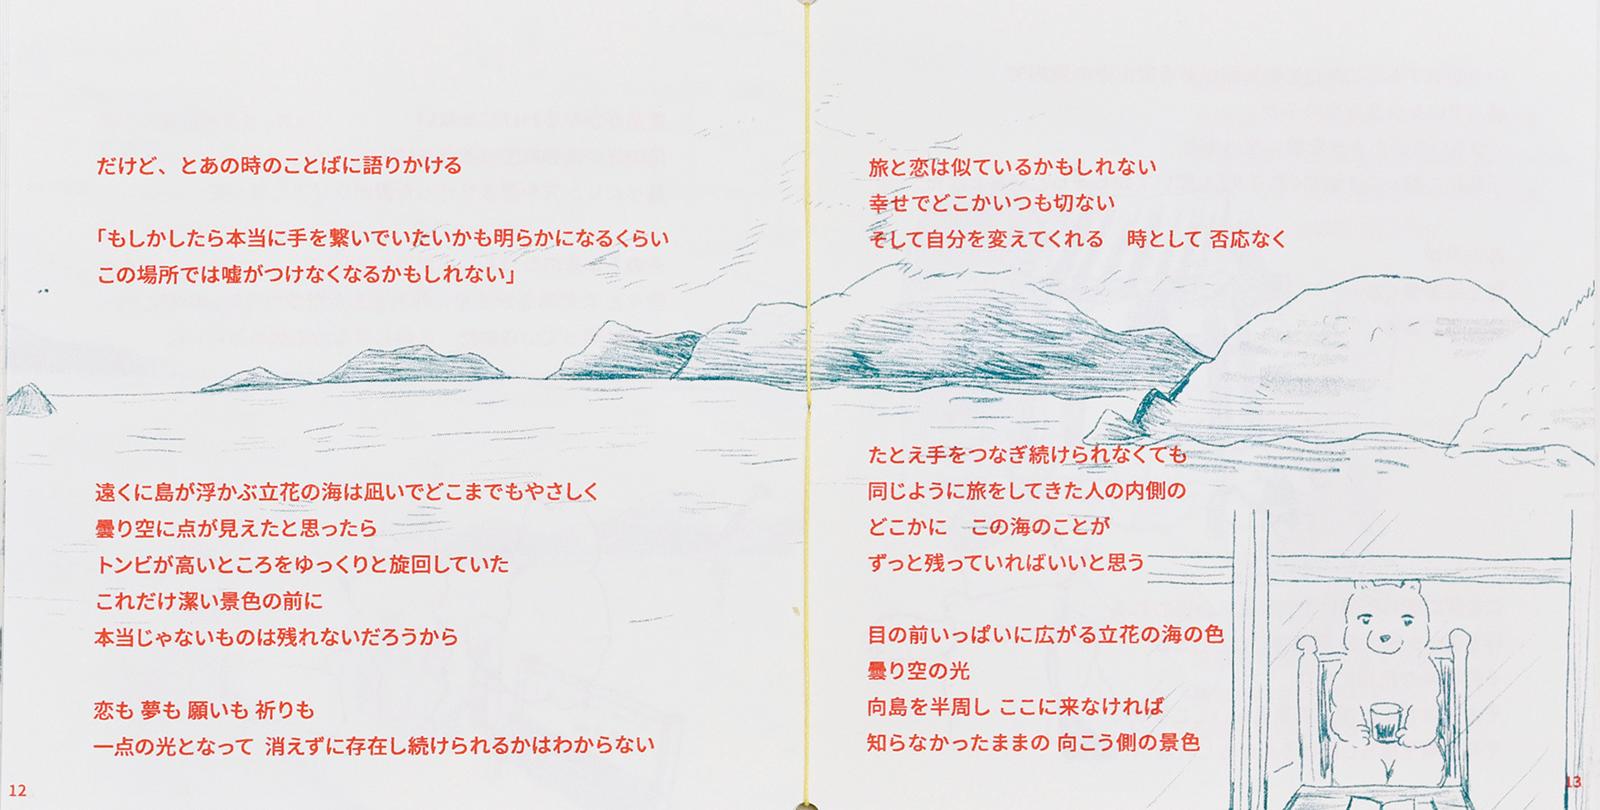 尾道、向島、 瀬戸内海。